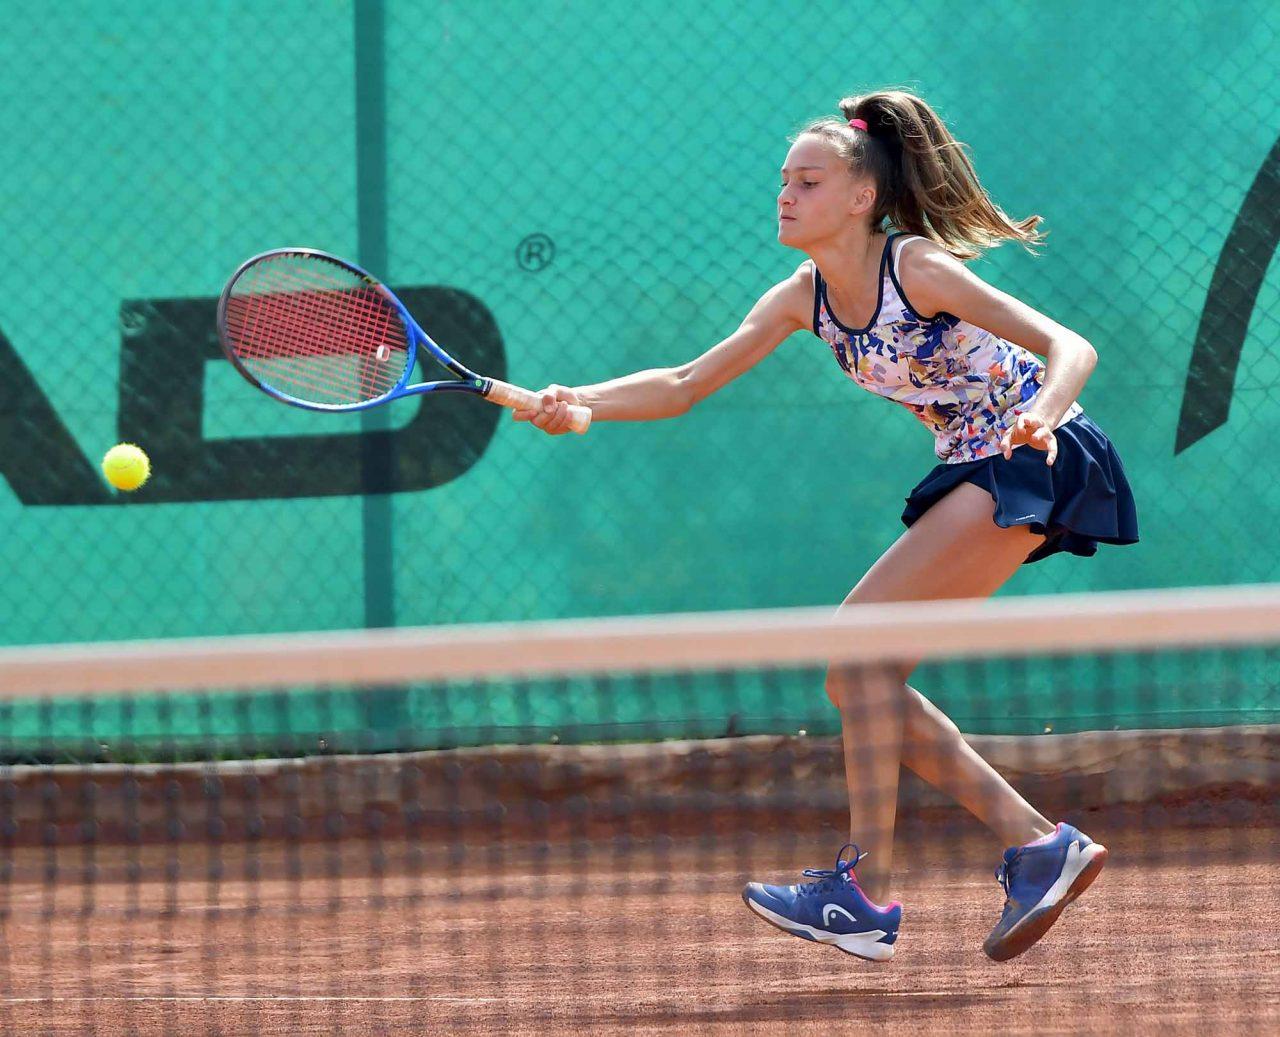 Държавно първенство тенис до 14 год. ТК 15-40 финал (21)